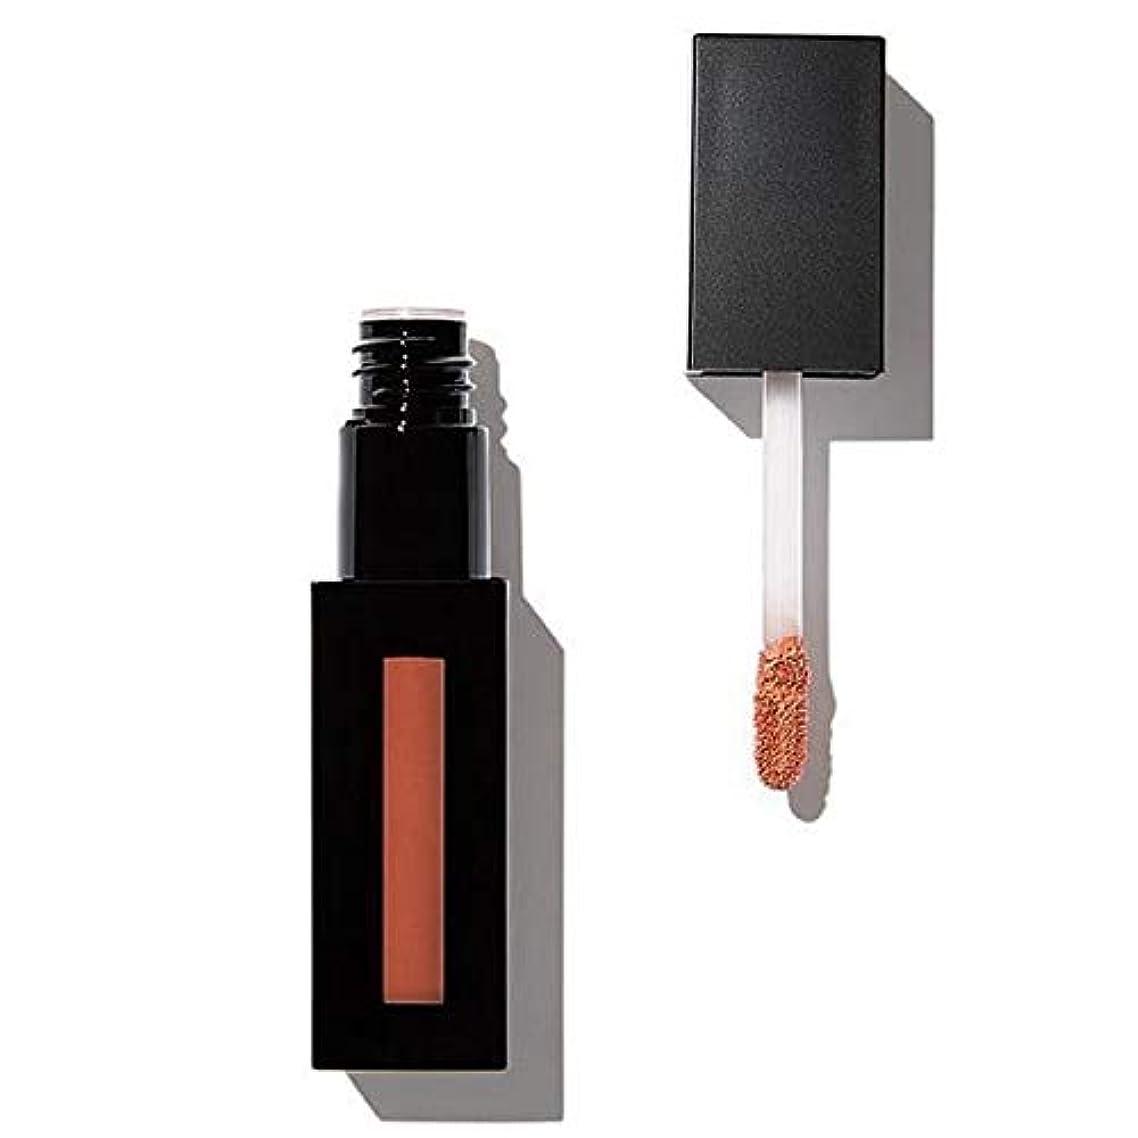 アダルトこどもセンター分析的[Revolution ] 革命プロ最高のマットリップ顔料シャレード - Revolution Pro Supreme Matte Lip Pigment Charade [並行輸入品]